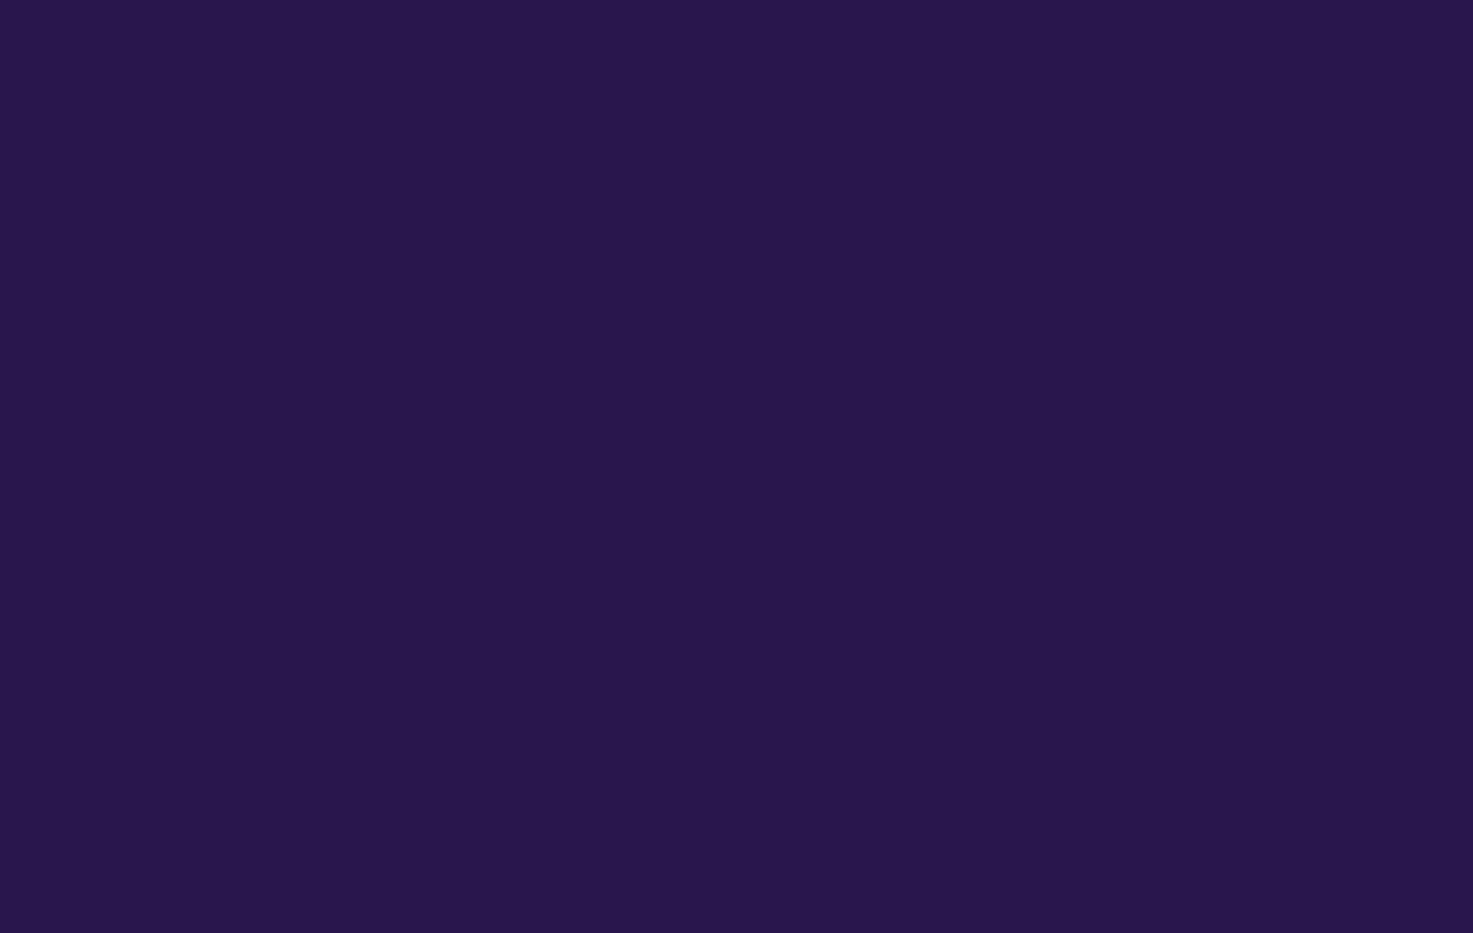 viola 029